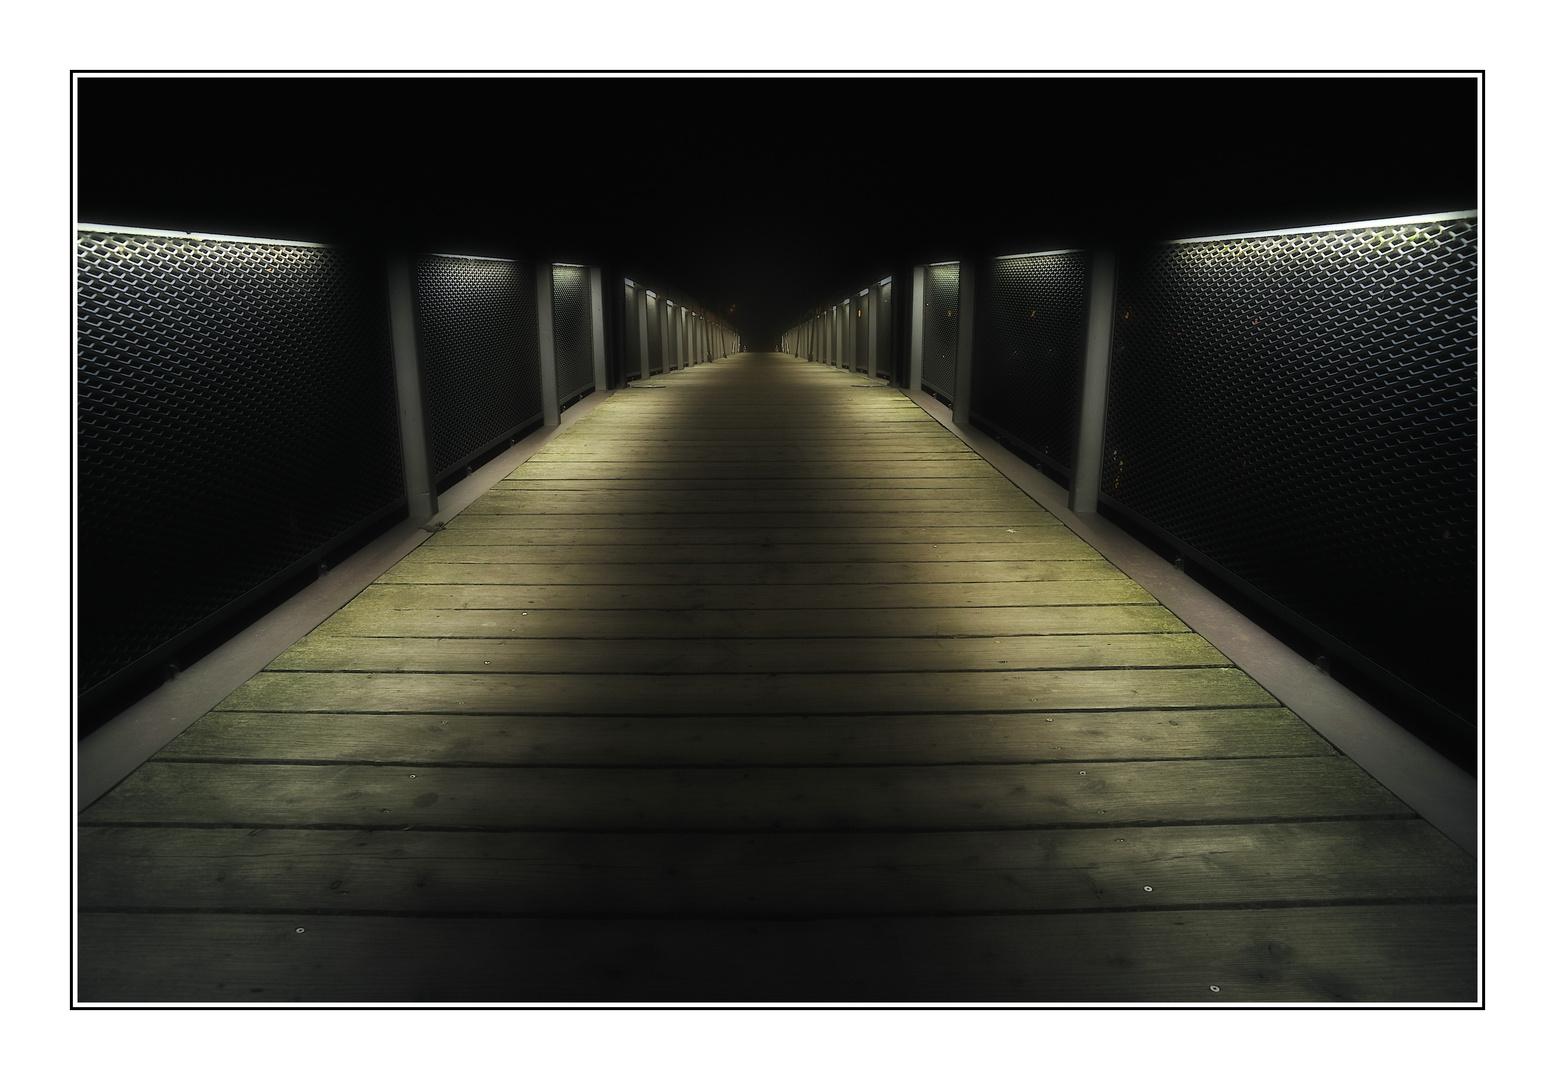 Weg in die Dunkelheit